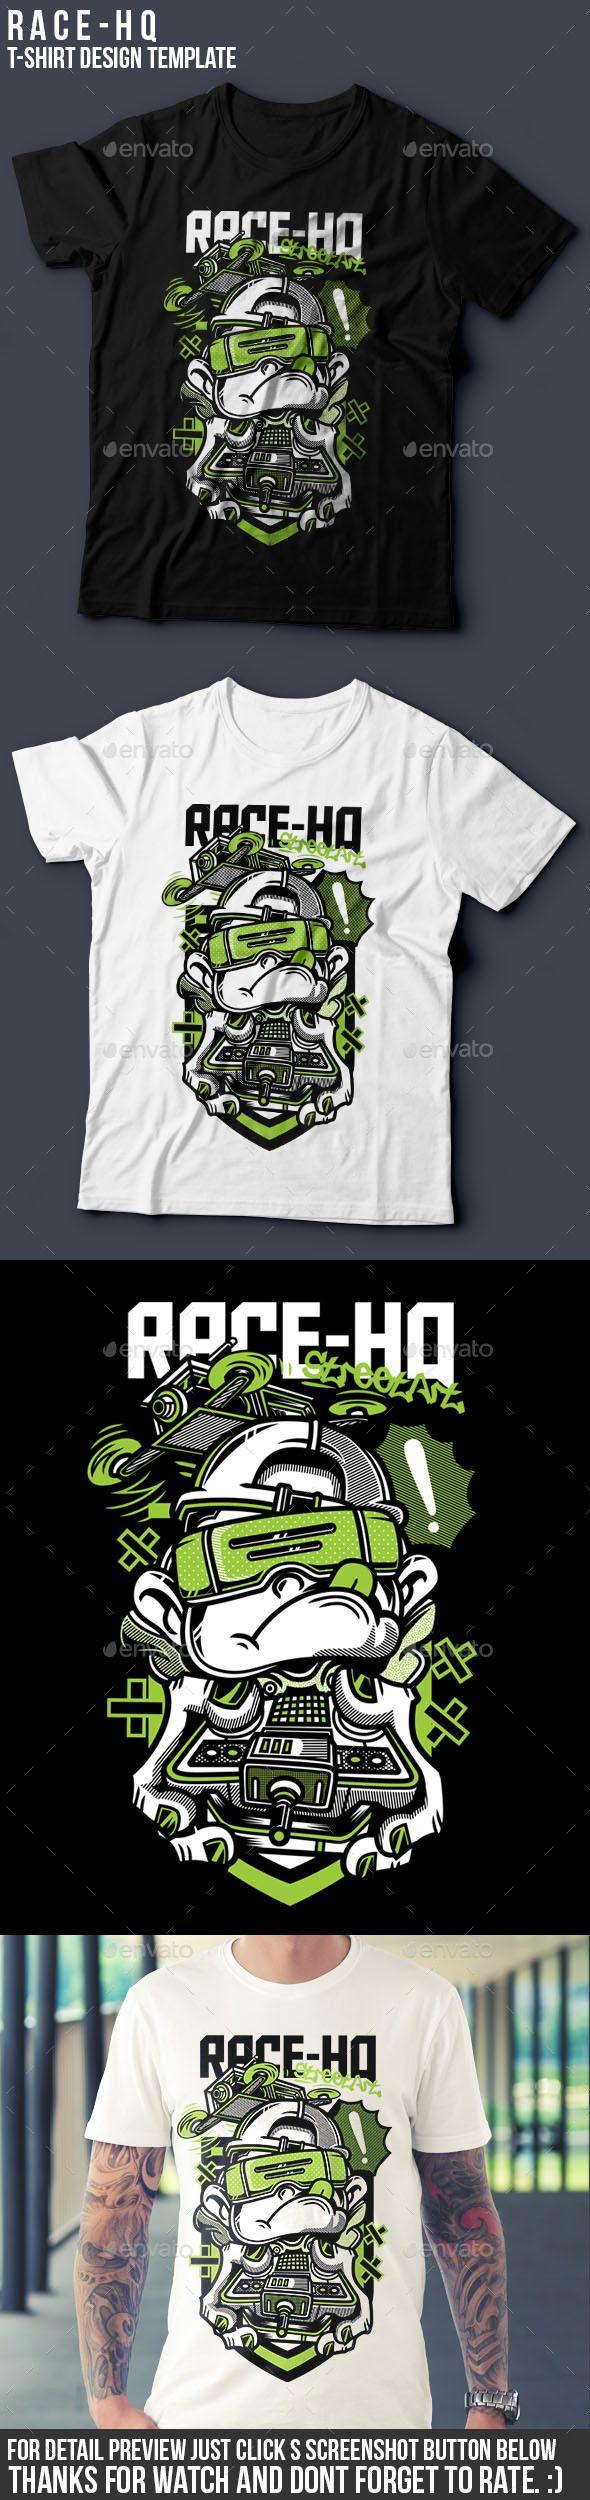 Shirt design generator online - Race Hq T Shirt Design